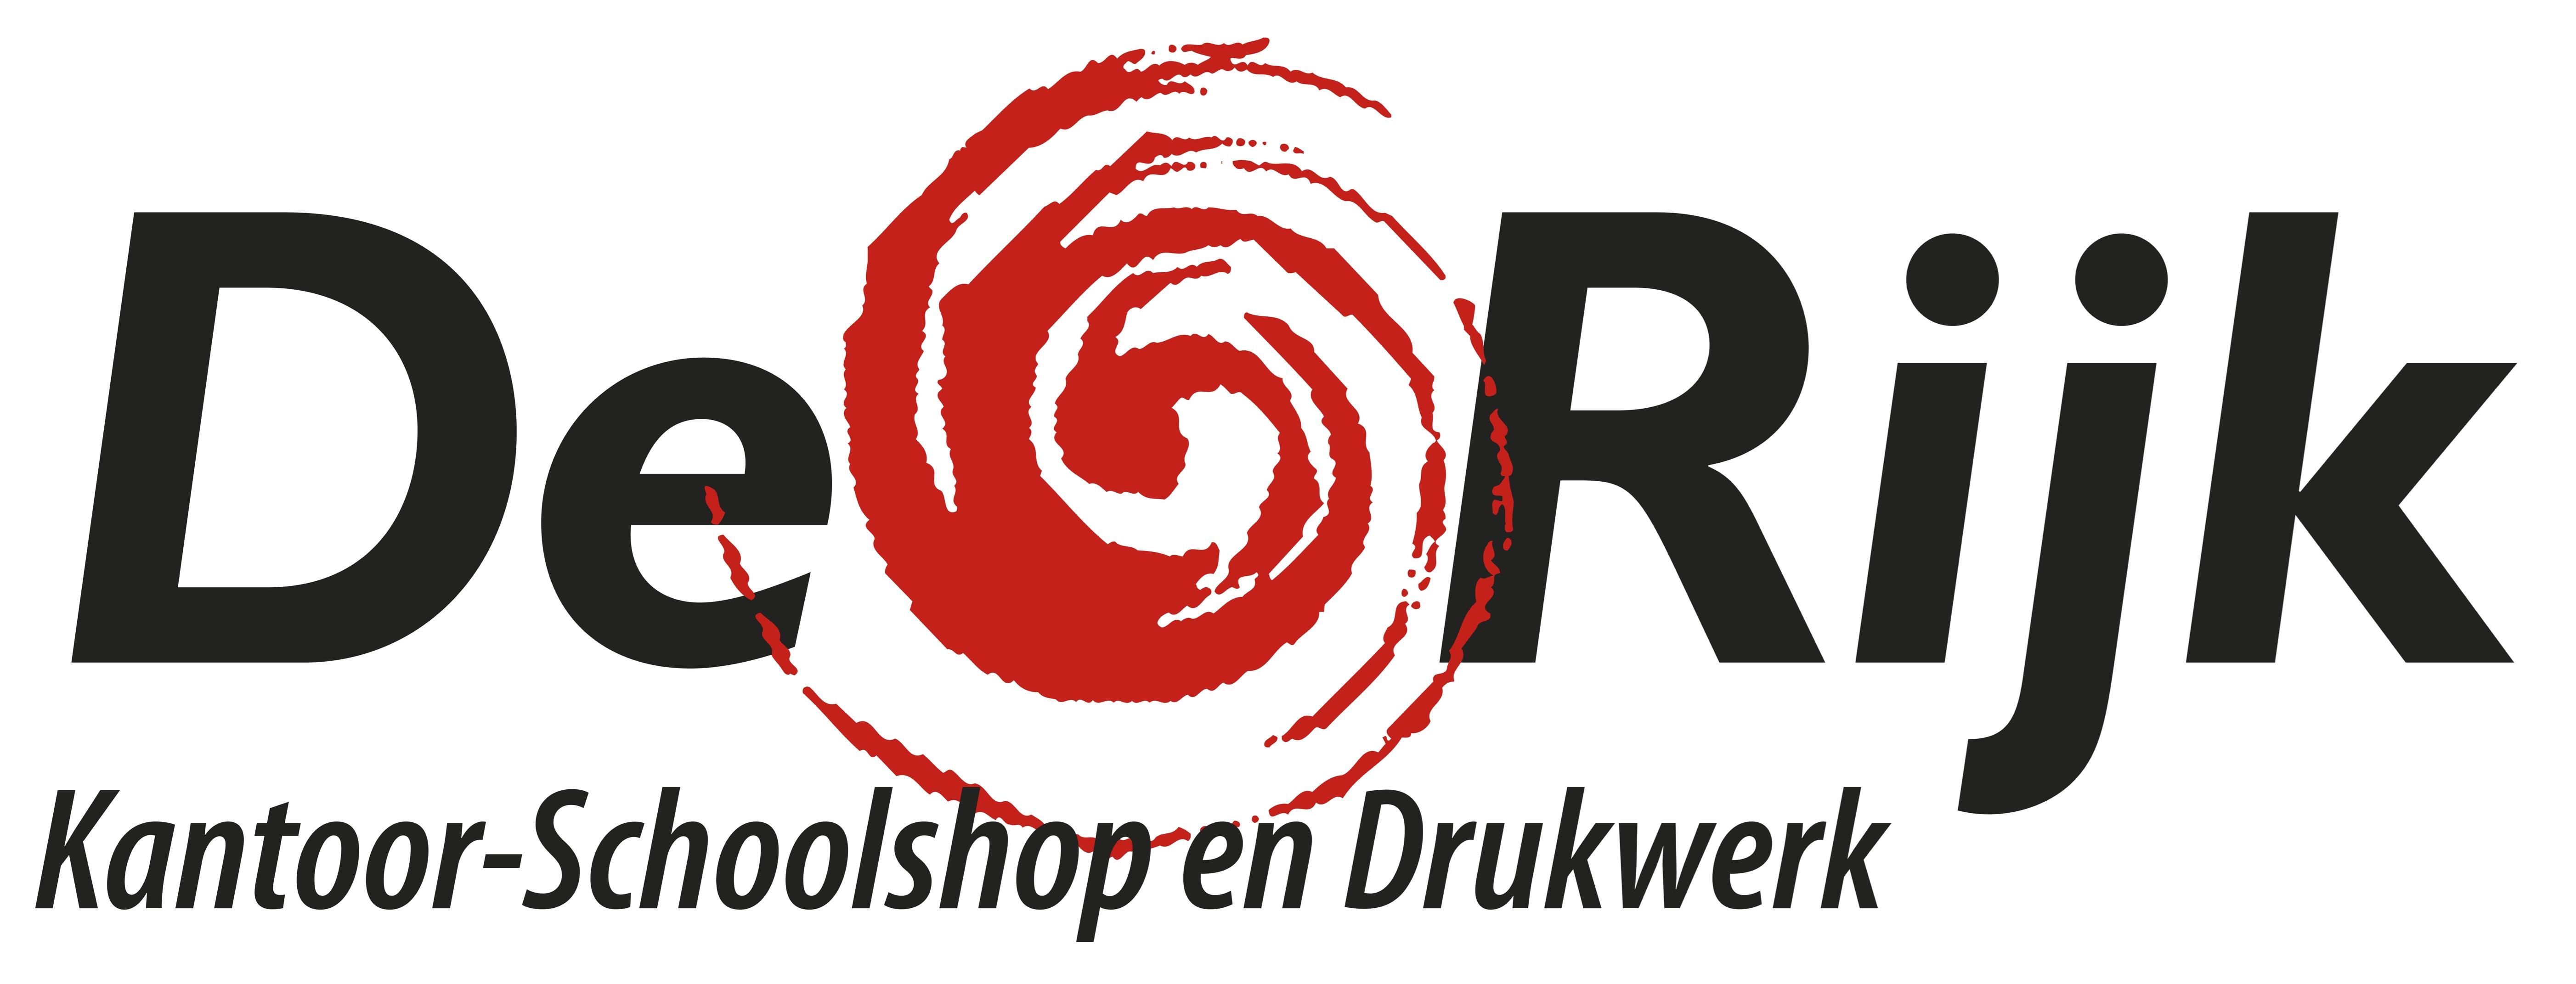 De Rijk Kantoor-Schoolshop en Drukwerk